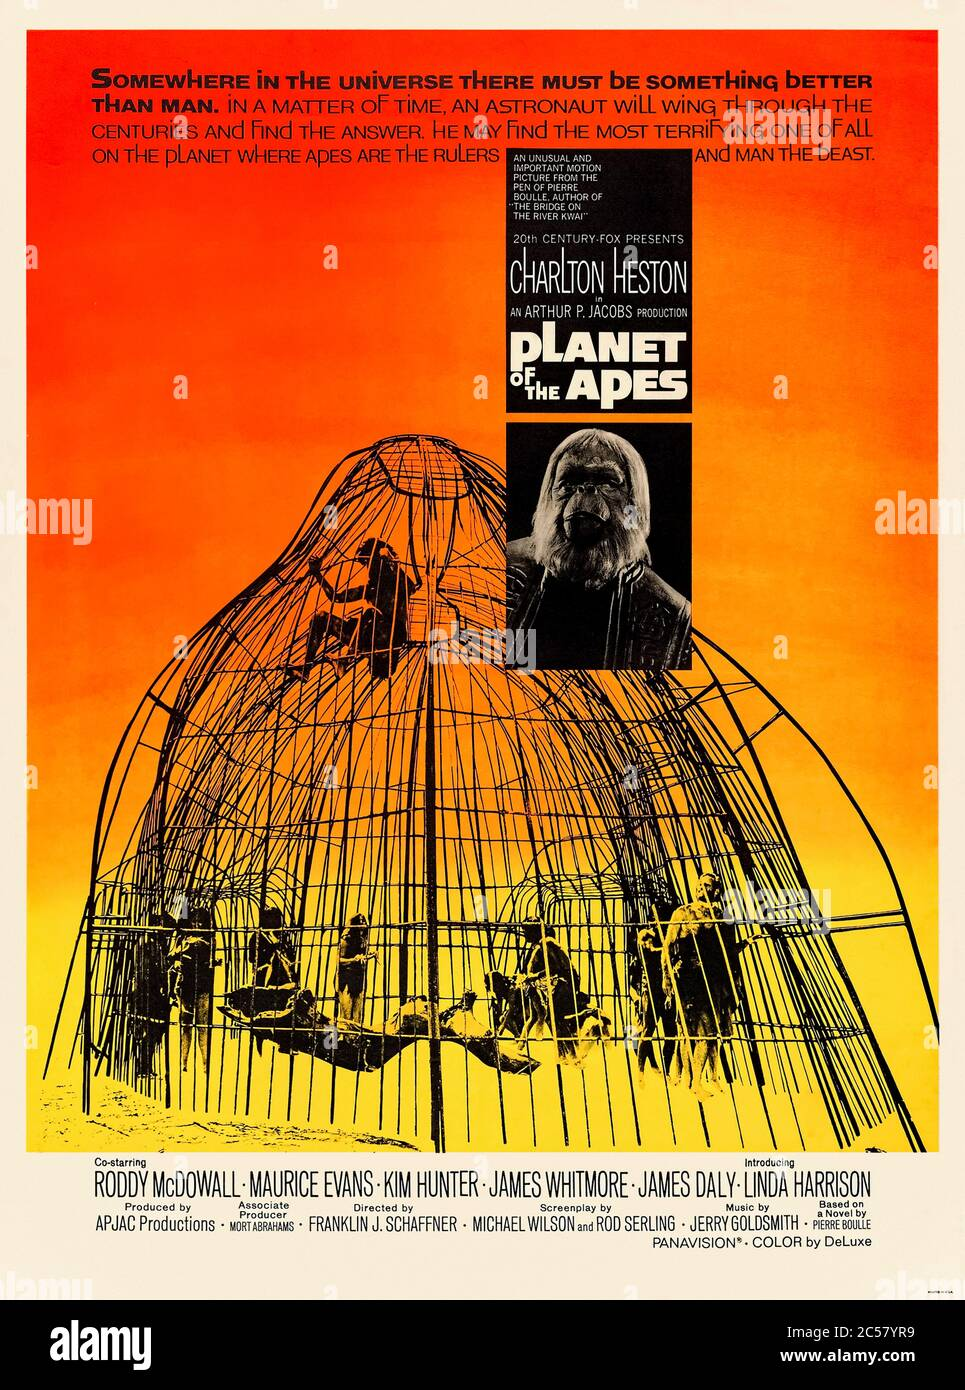 Planet of the Apes (1968), dirigé par Franklin J. Schaffner et avec Charlton Heston, Roddy McDowall, Kim Hunter et Maurice Evans. Science-fiction classique avec probablement la fin la plus mémorable jamais sur un monde à l'envers où les singes sont au sommet. Banque D'Images